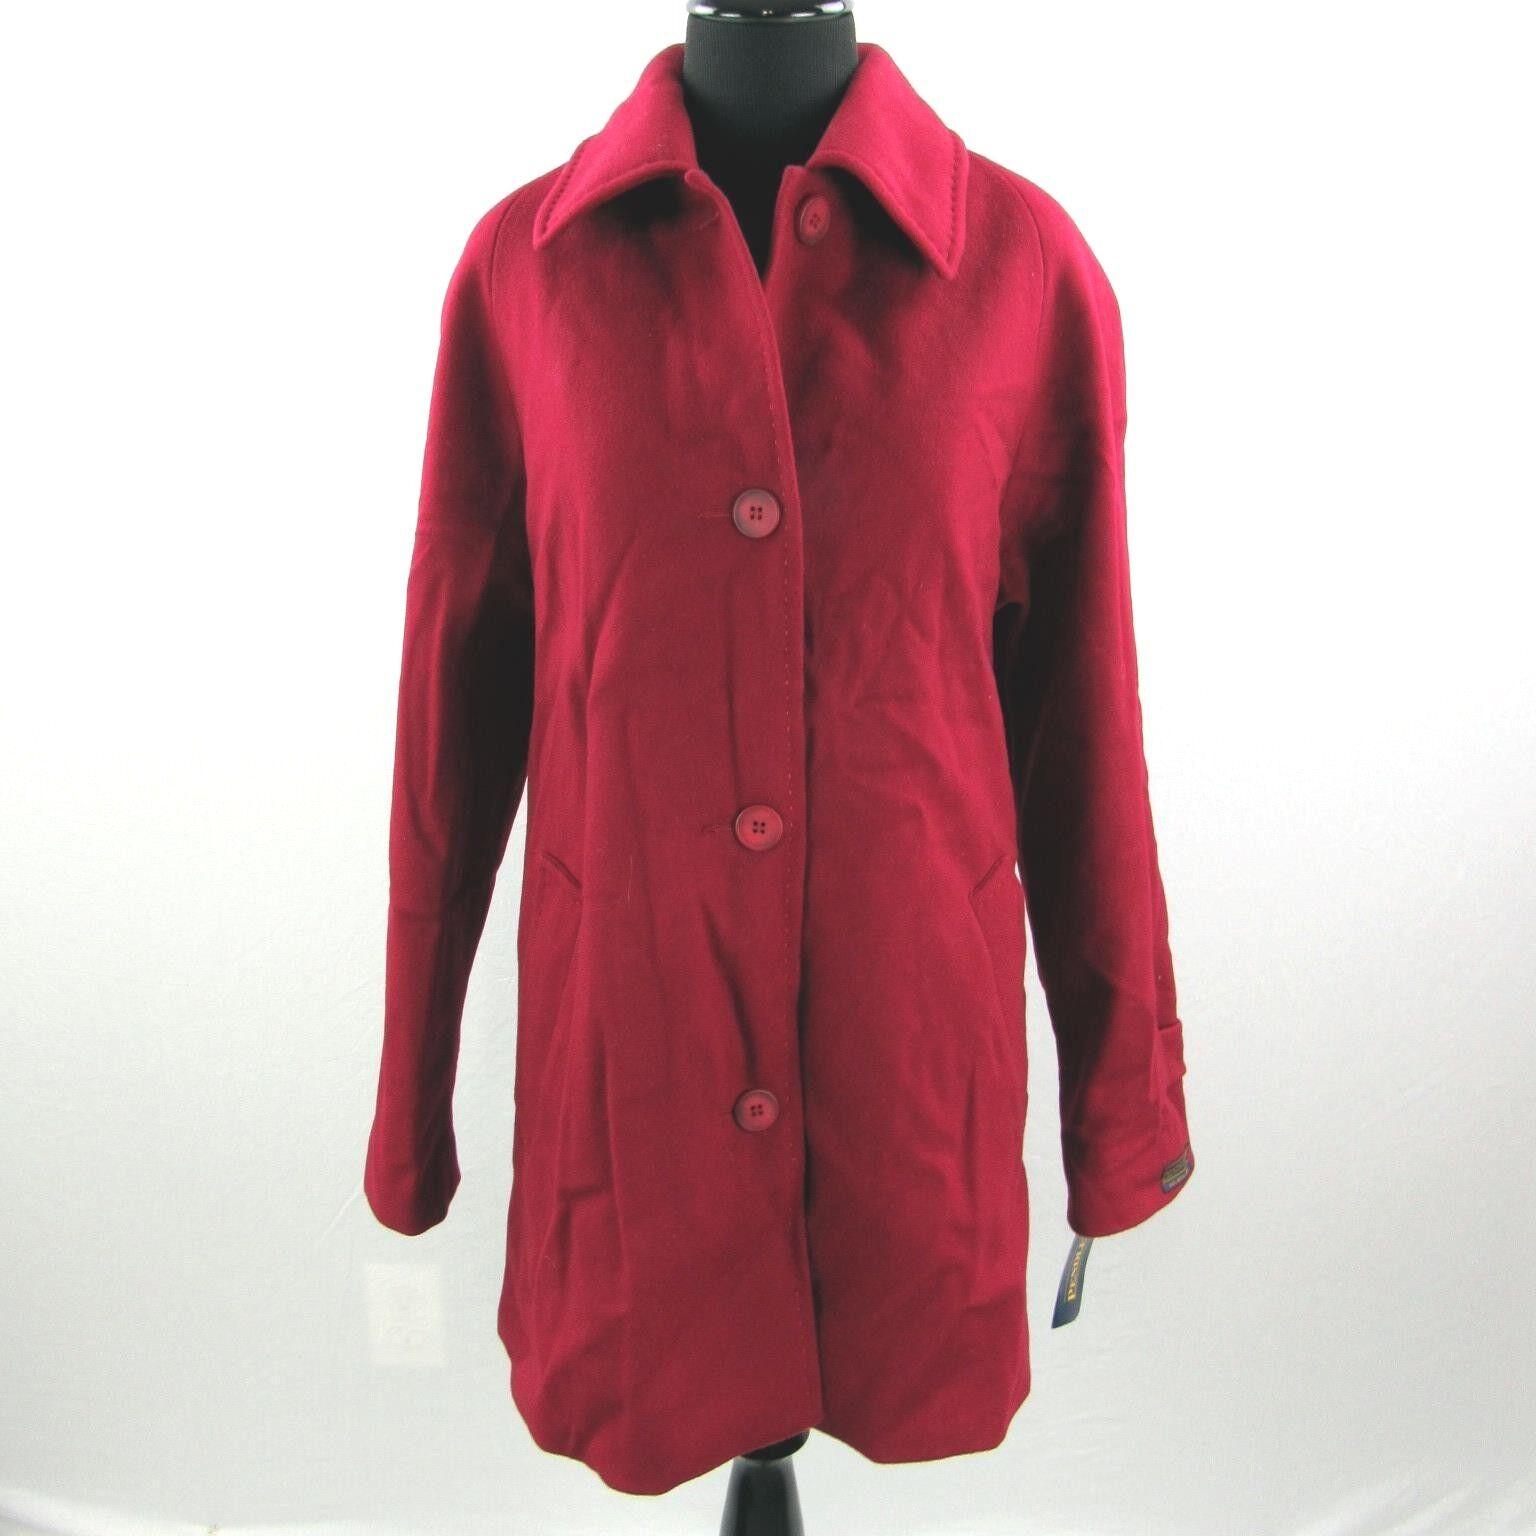 NEW Pendleton Merino Wool Winter Coat Womens Size 8 Dark Red NWT